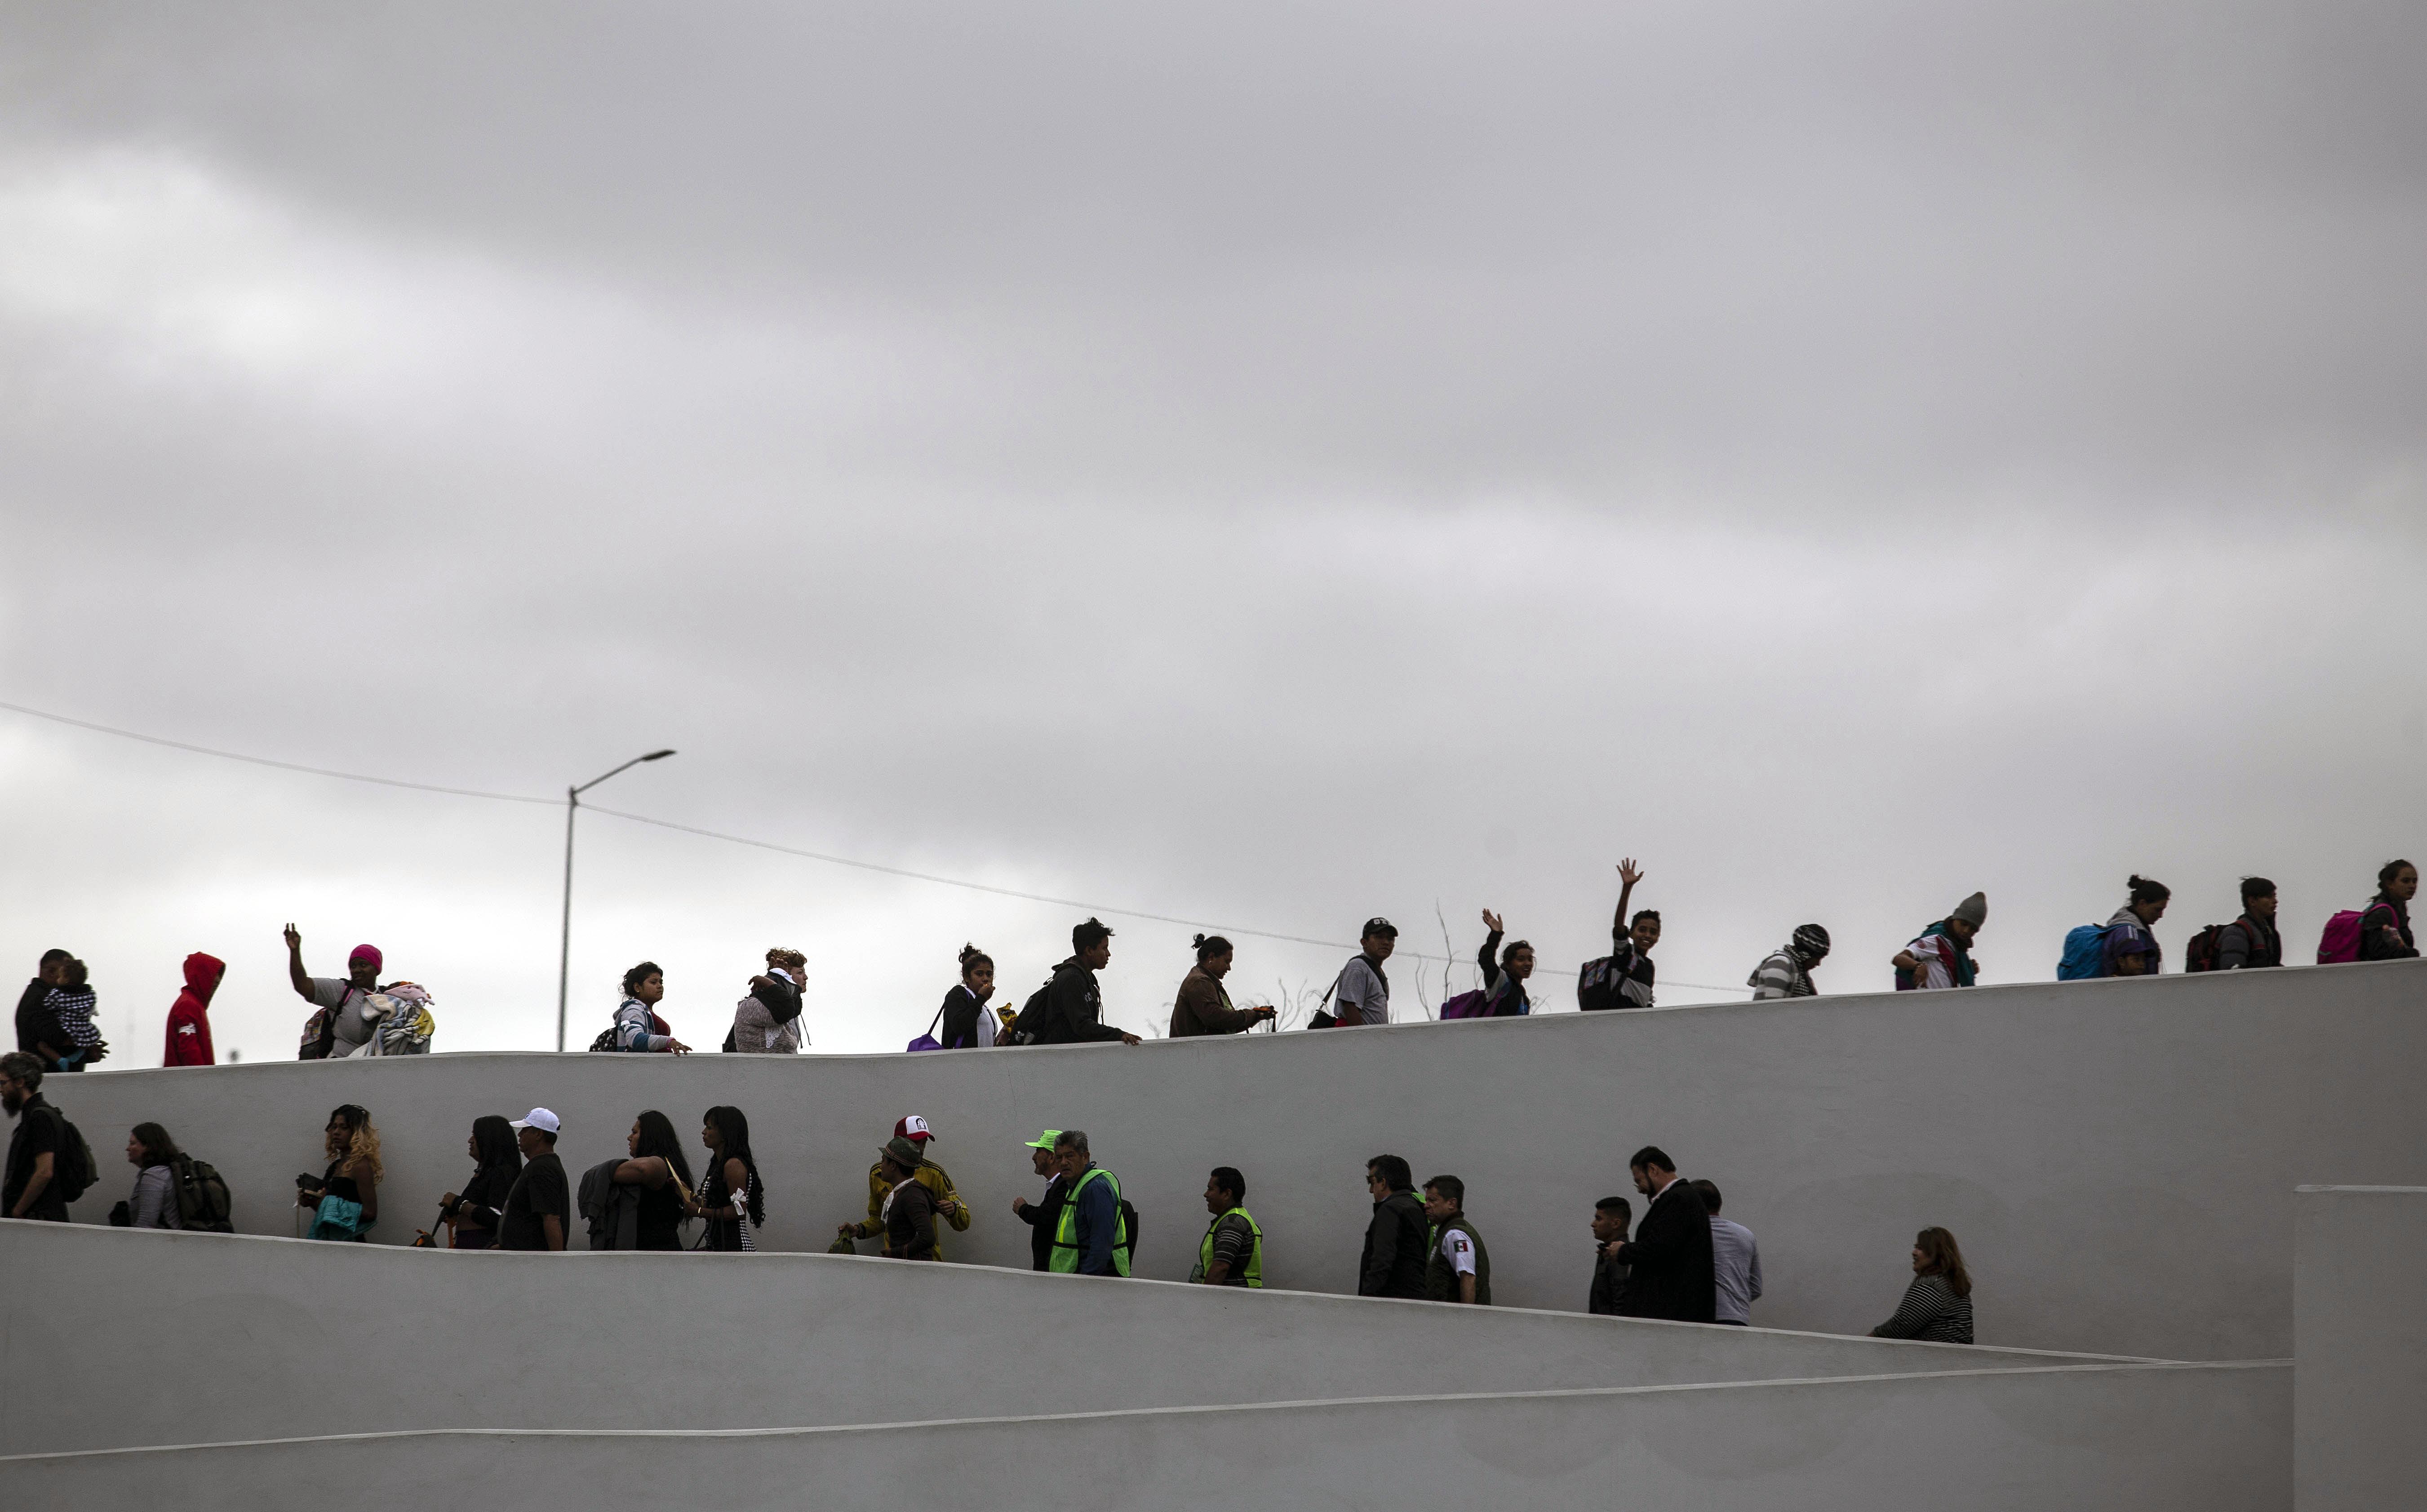 El ingreso de los migrantes en el cruce fronterizo (AFP / Guillermo Arias)